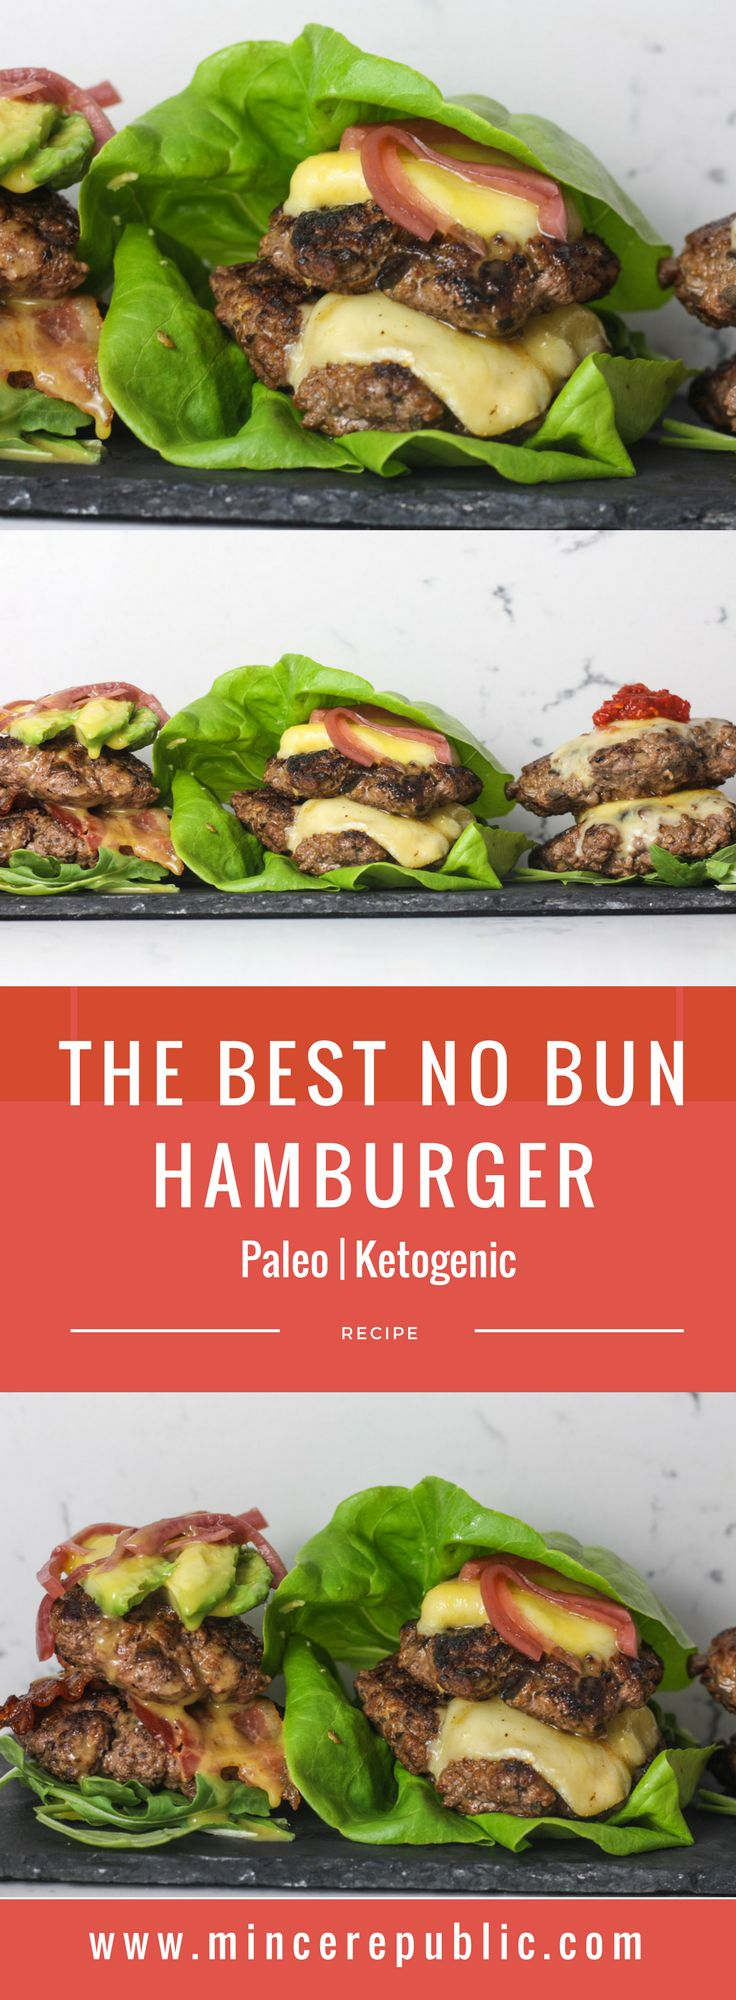 The Best No Bun Hamburger recipe | Keto & Paleo | mincerepublic.com